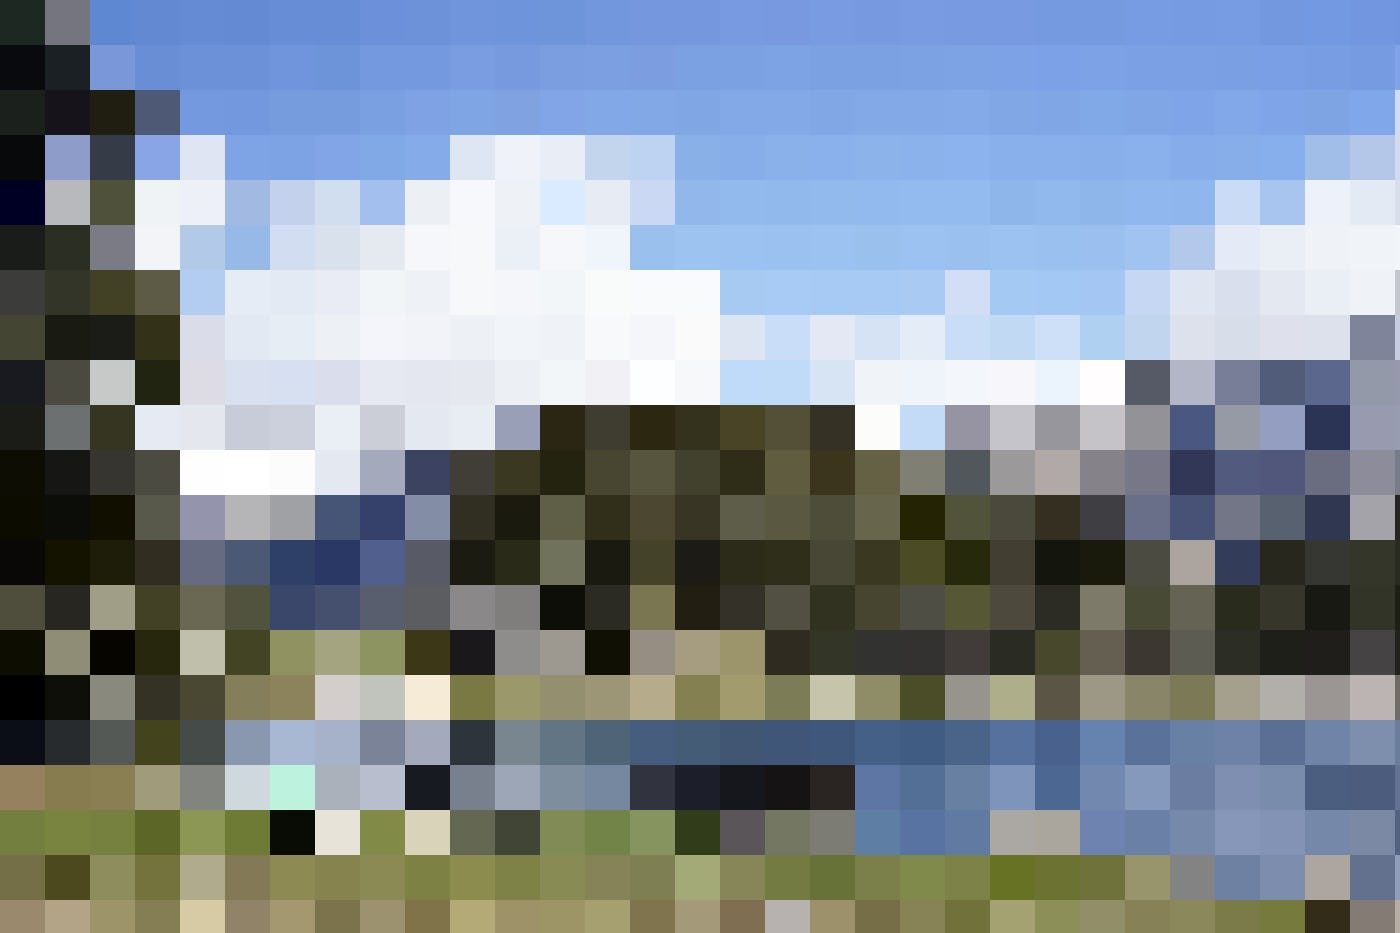 Am See gibt es einige Grillstellen und Rastplätze, die einladen, das tolle Bergpanorama zu geniessen.